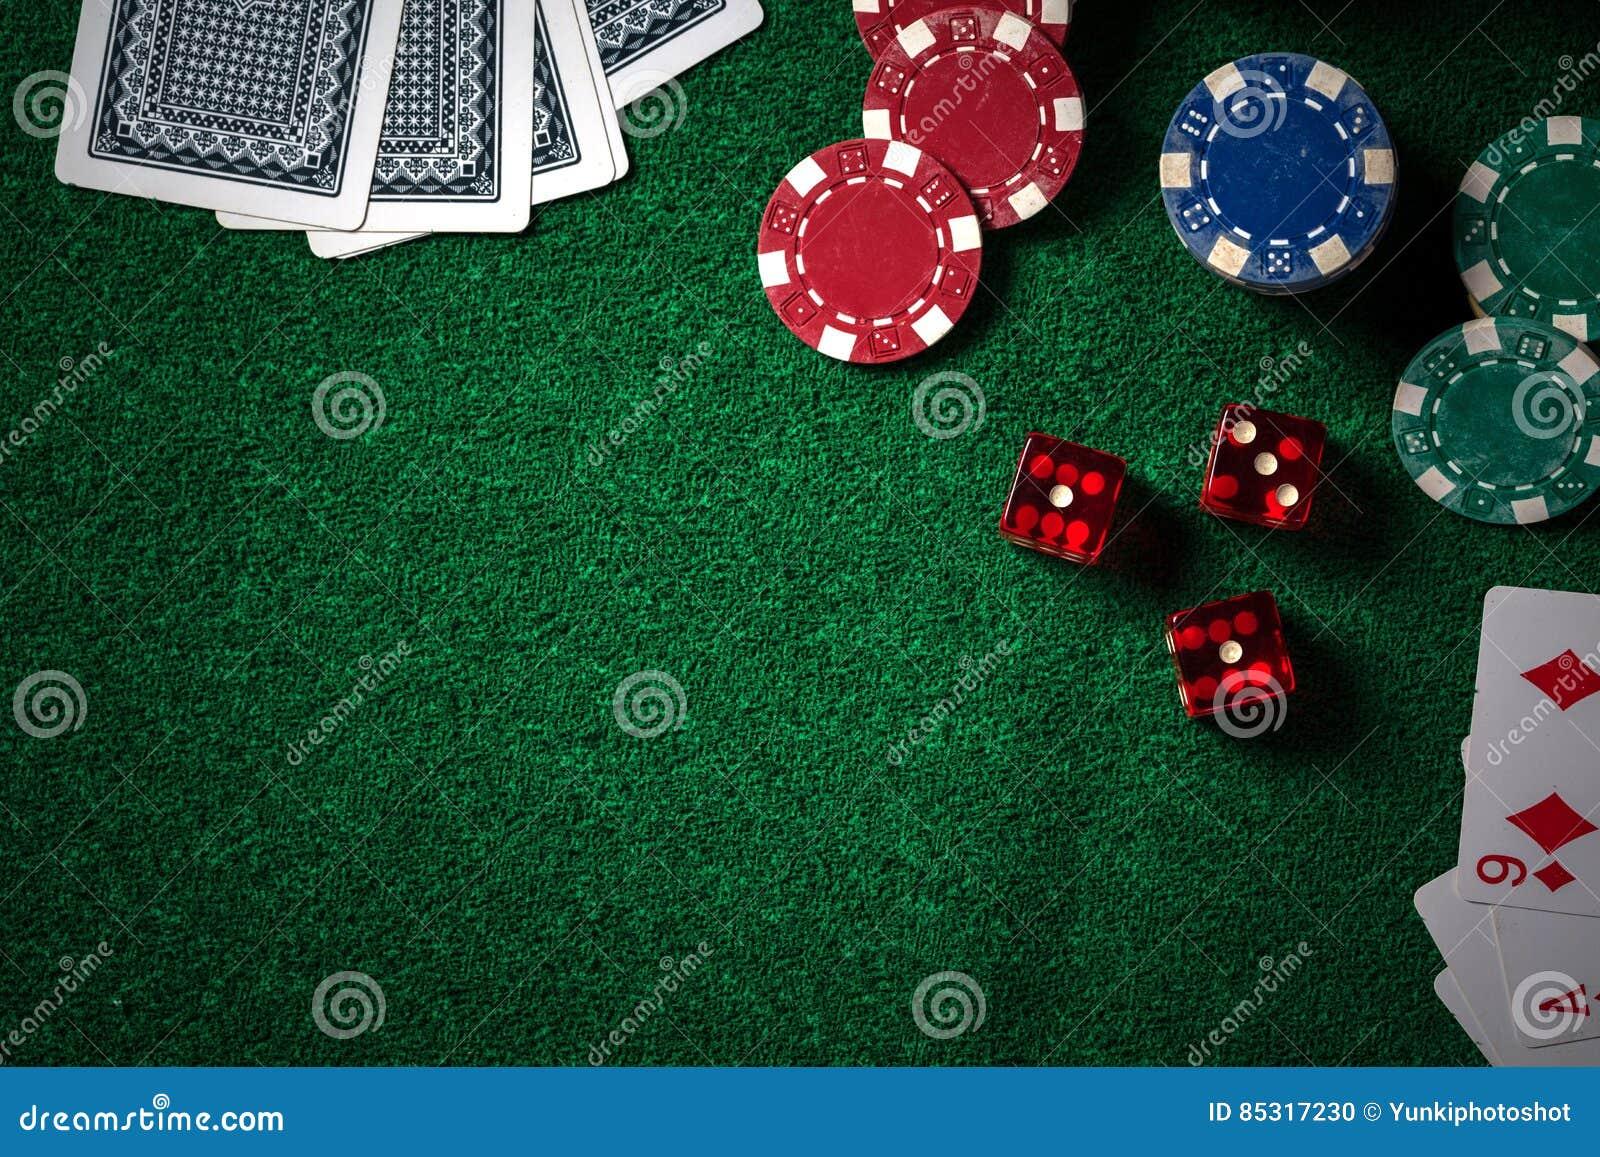 Jetons de poker et cartes de jeu sur la table verte de casino avec discret